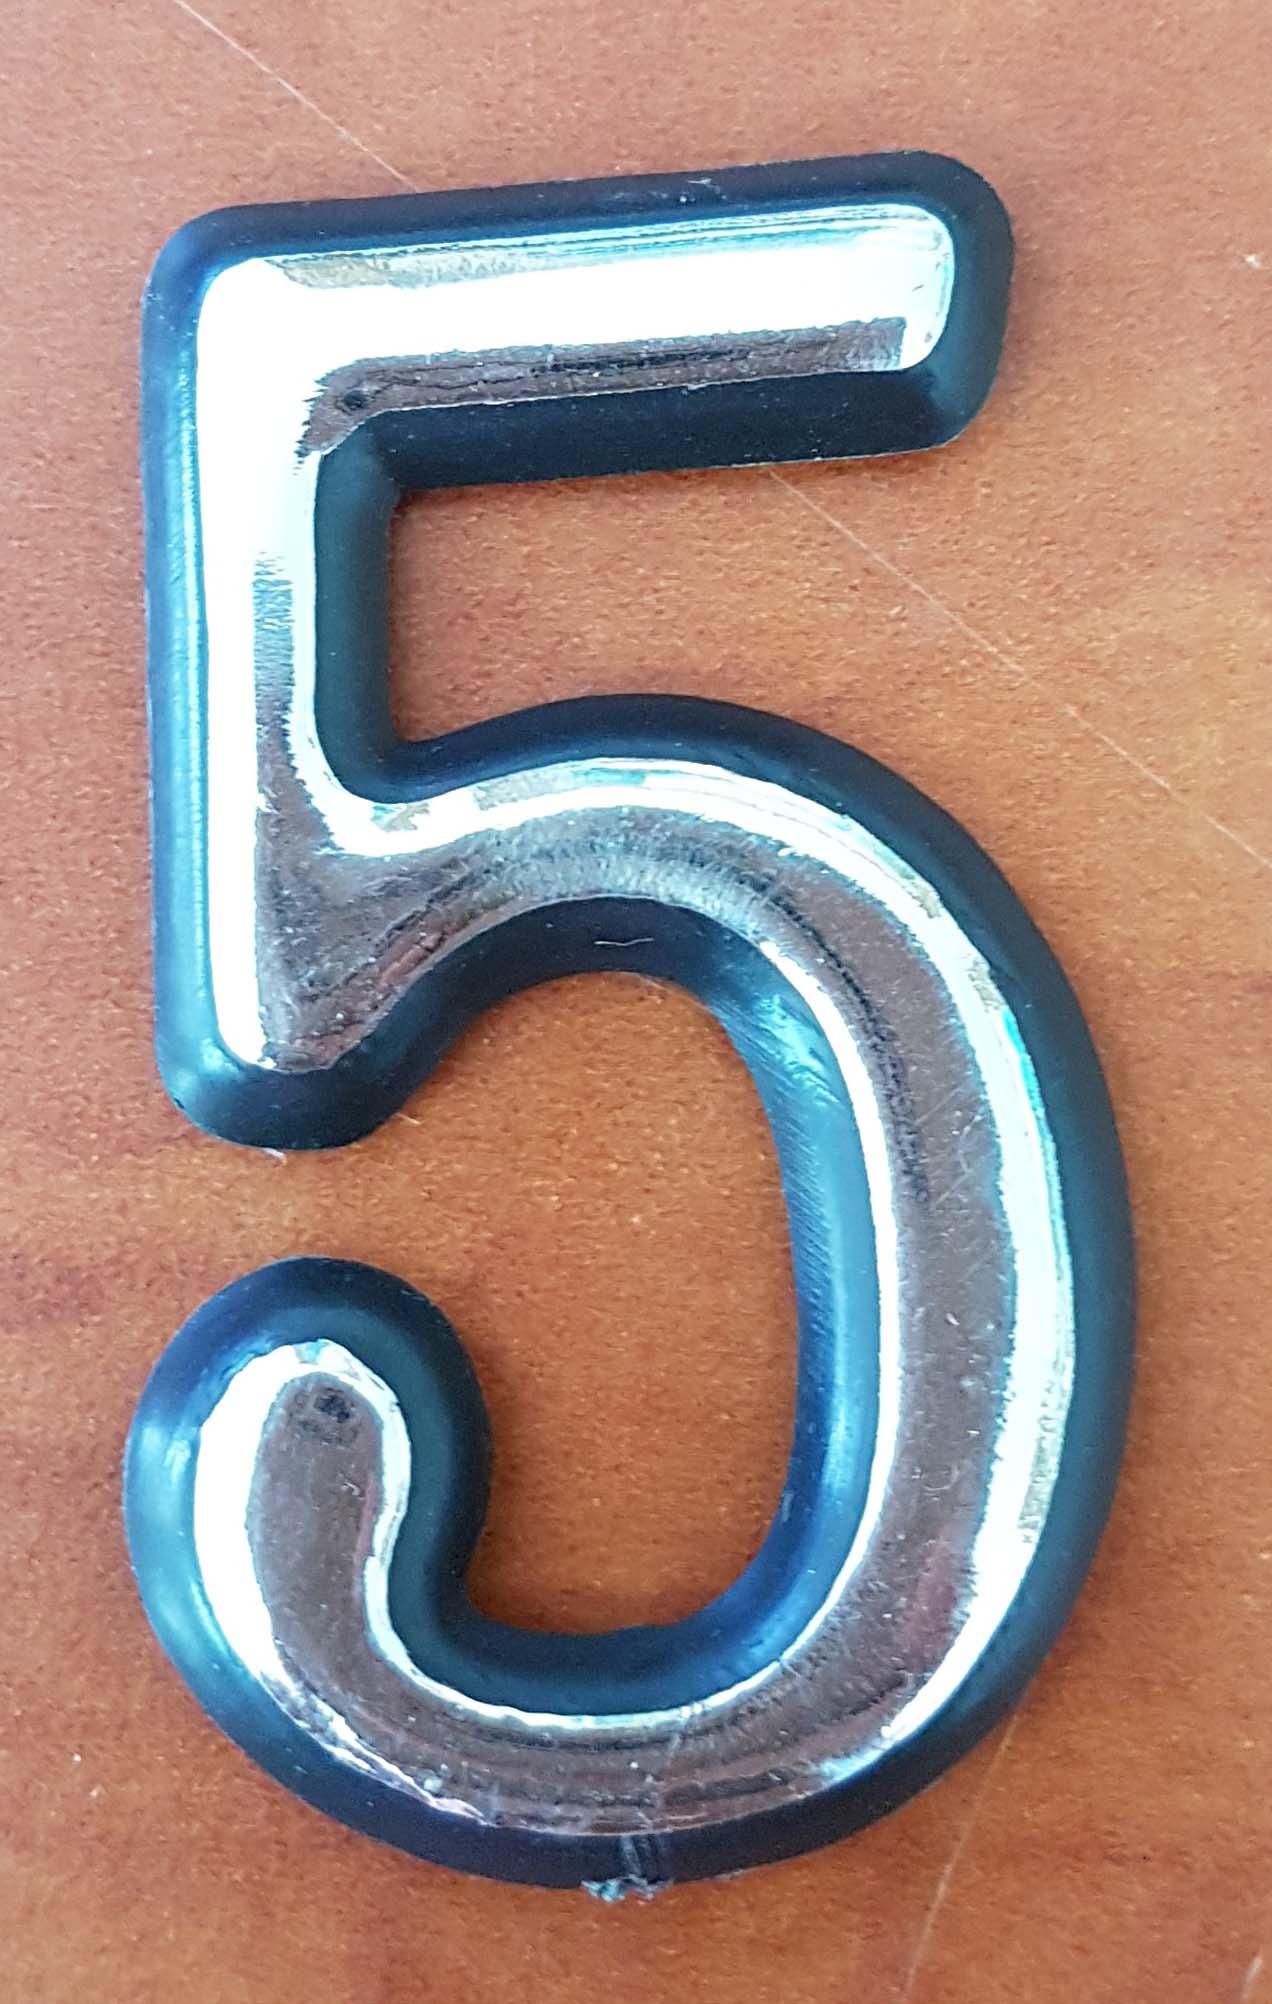 מספרים מפלסטיק צבע כסף לדלת הבית אורך 5 וחצי ס